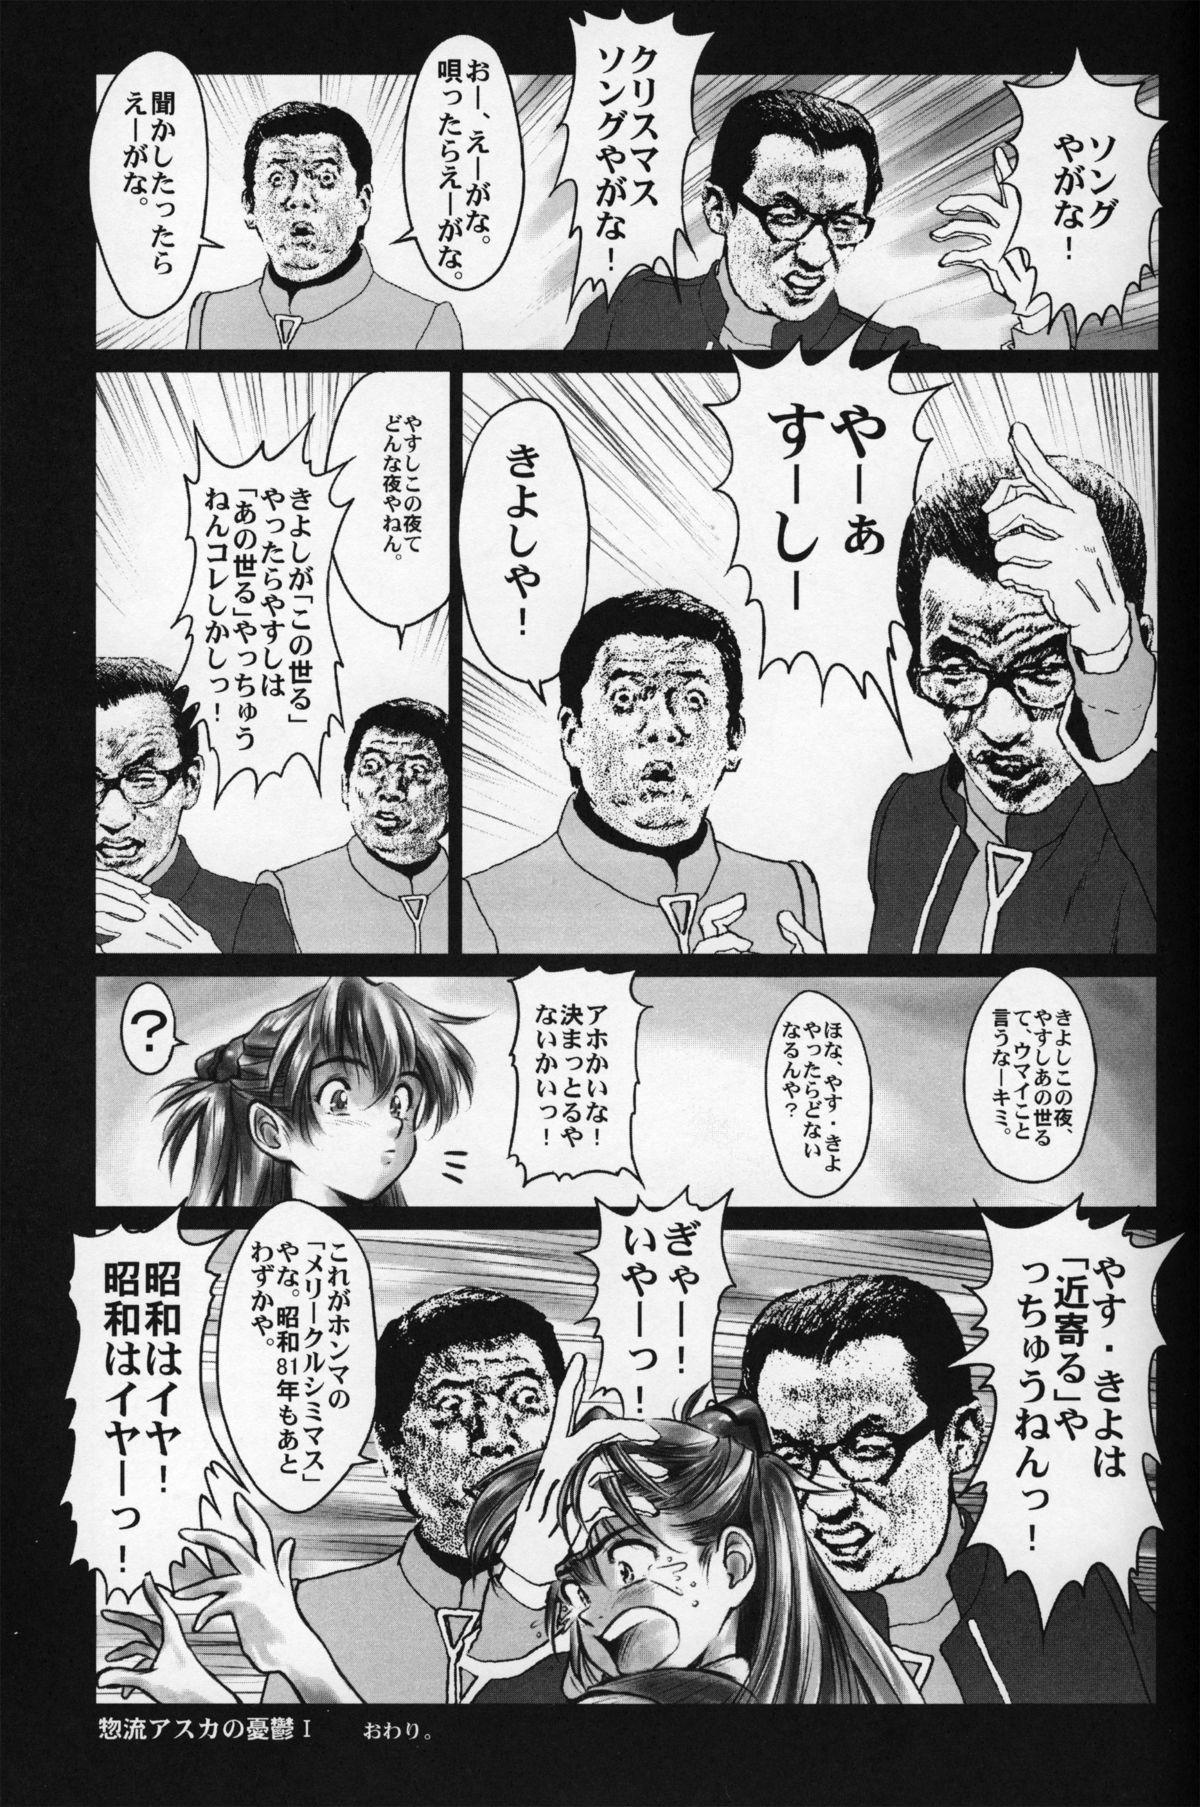 BetaIII / β III 7